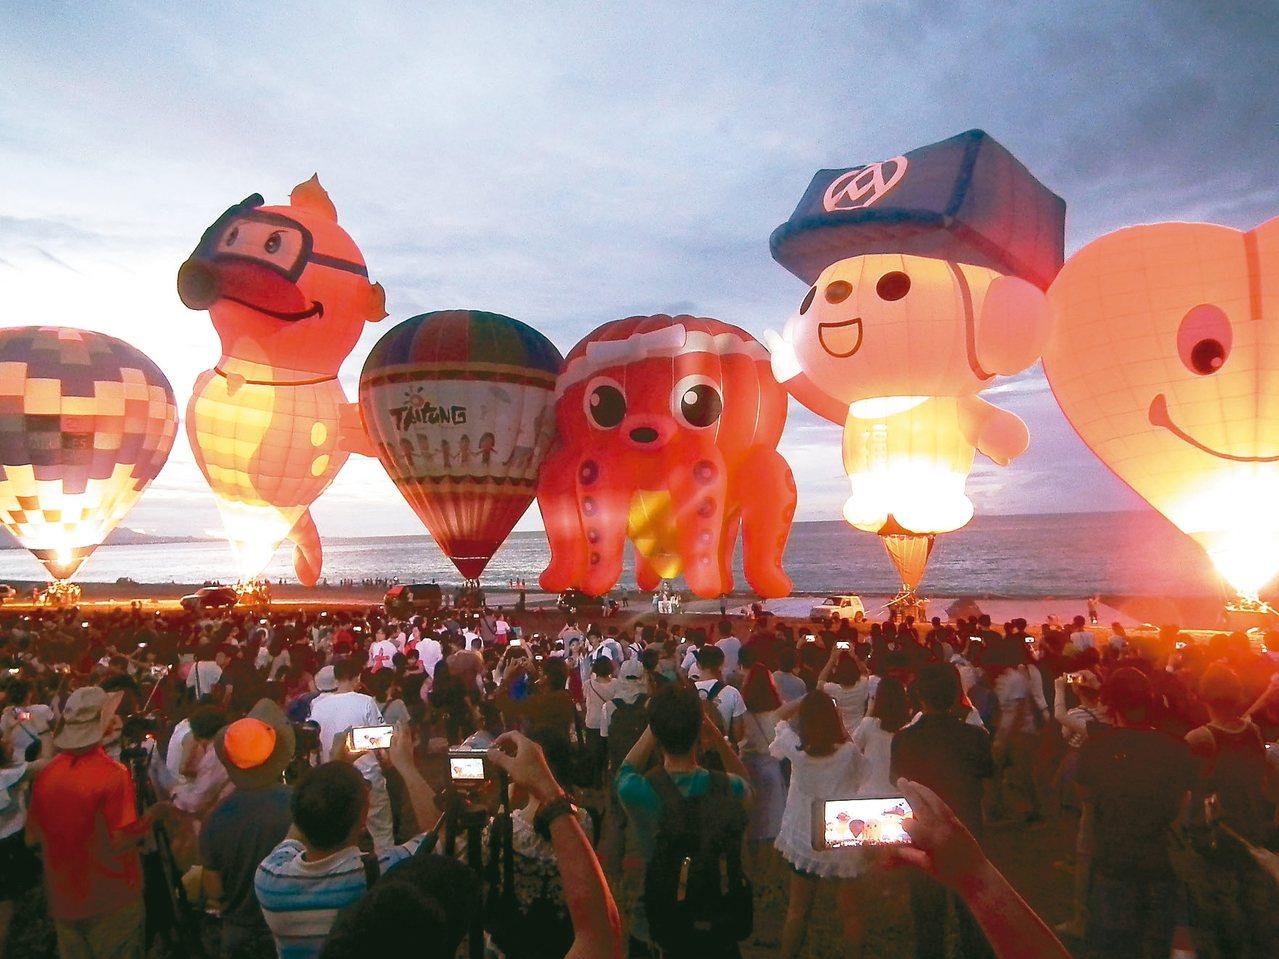 台東台灣國際熱氣球嘉年華舉辦7年,在今年由知名旅遊頻道Travel Channe...